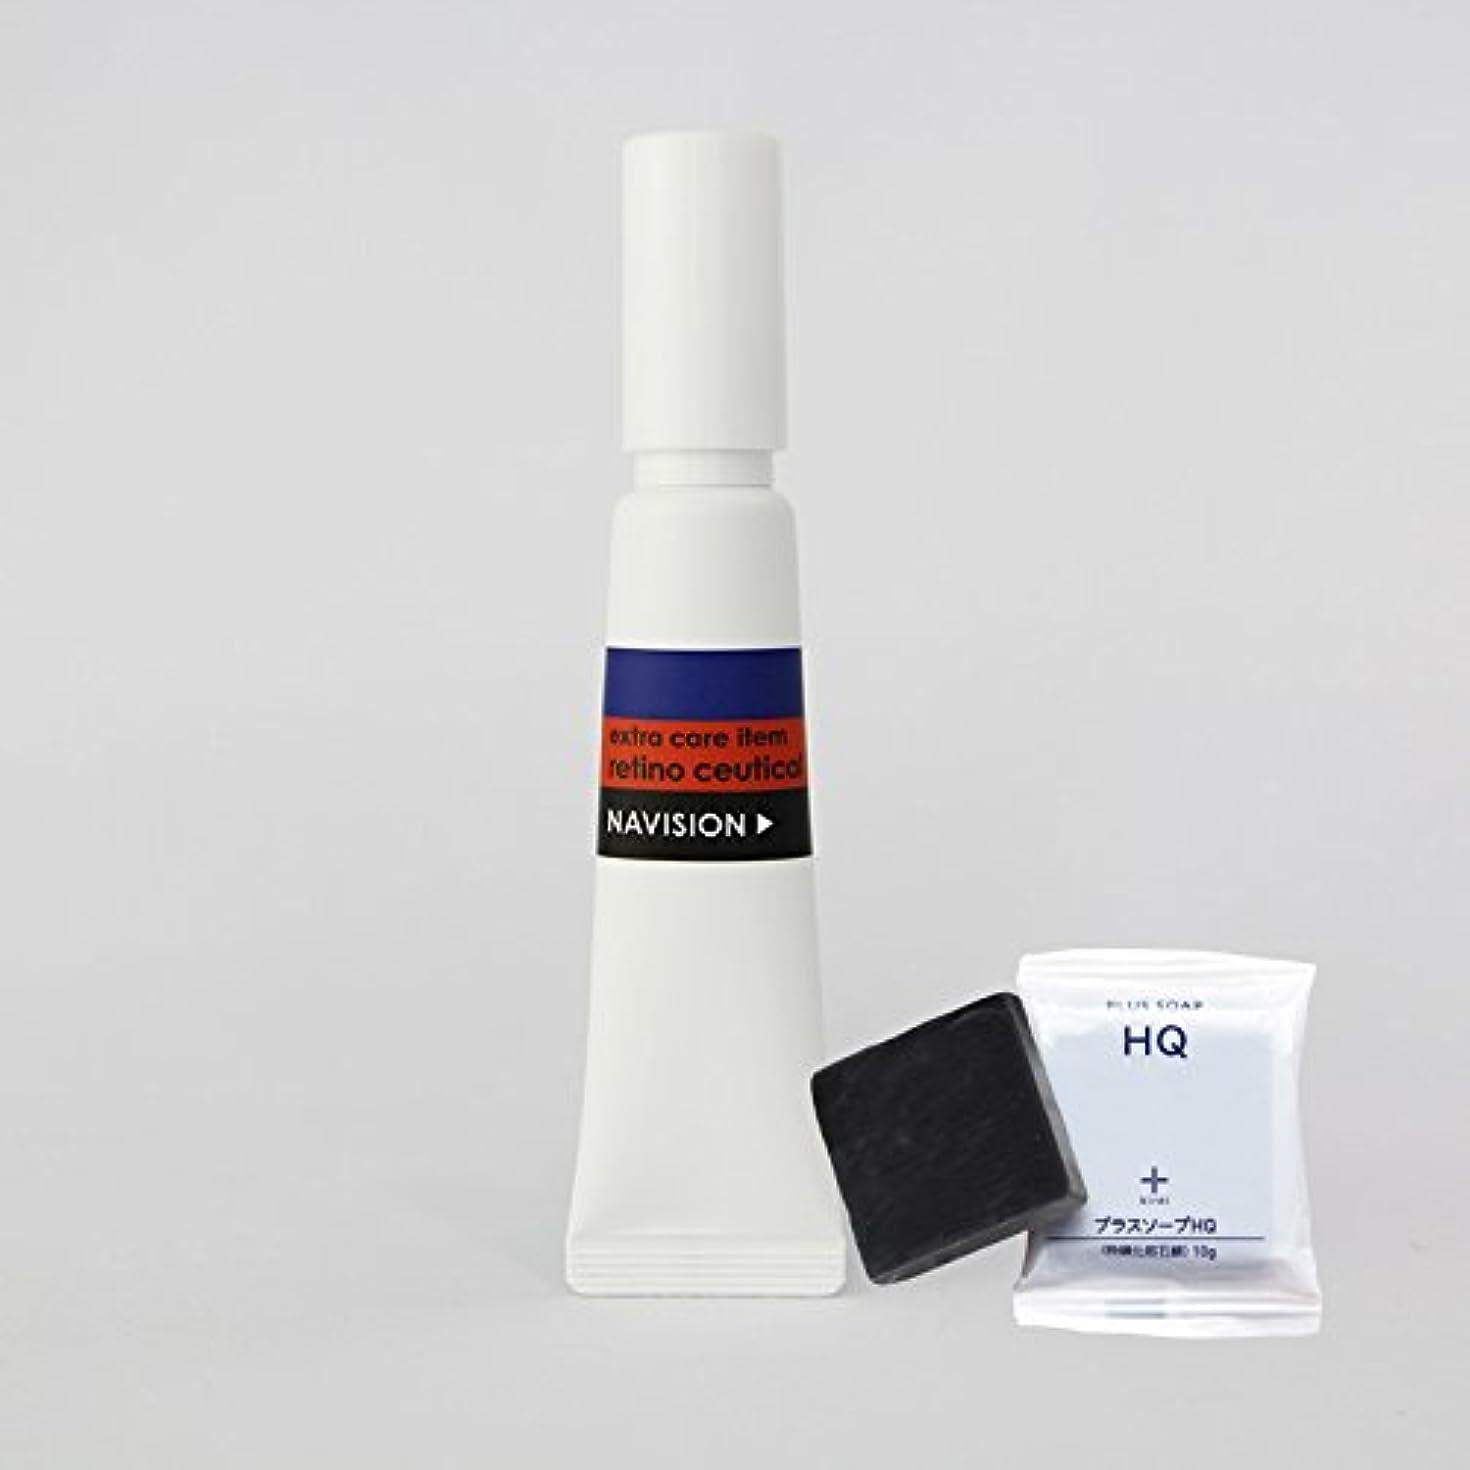 すすり泣きリスナー待つナビジョン NAVISION レチノシューティカル 15g (医薬部外品) + プラスキレイ プラスソープHQミニ